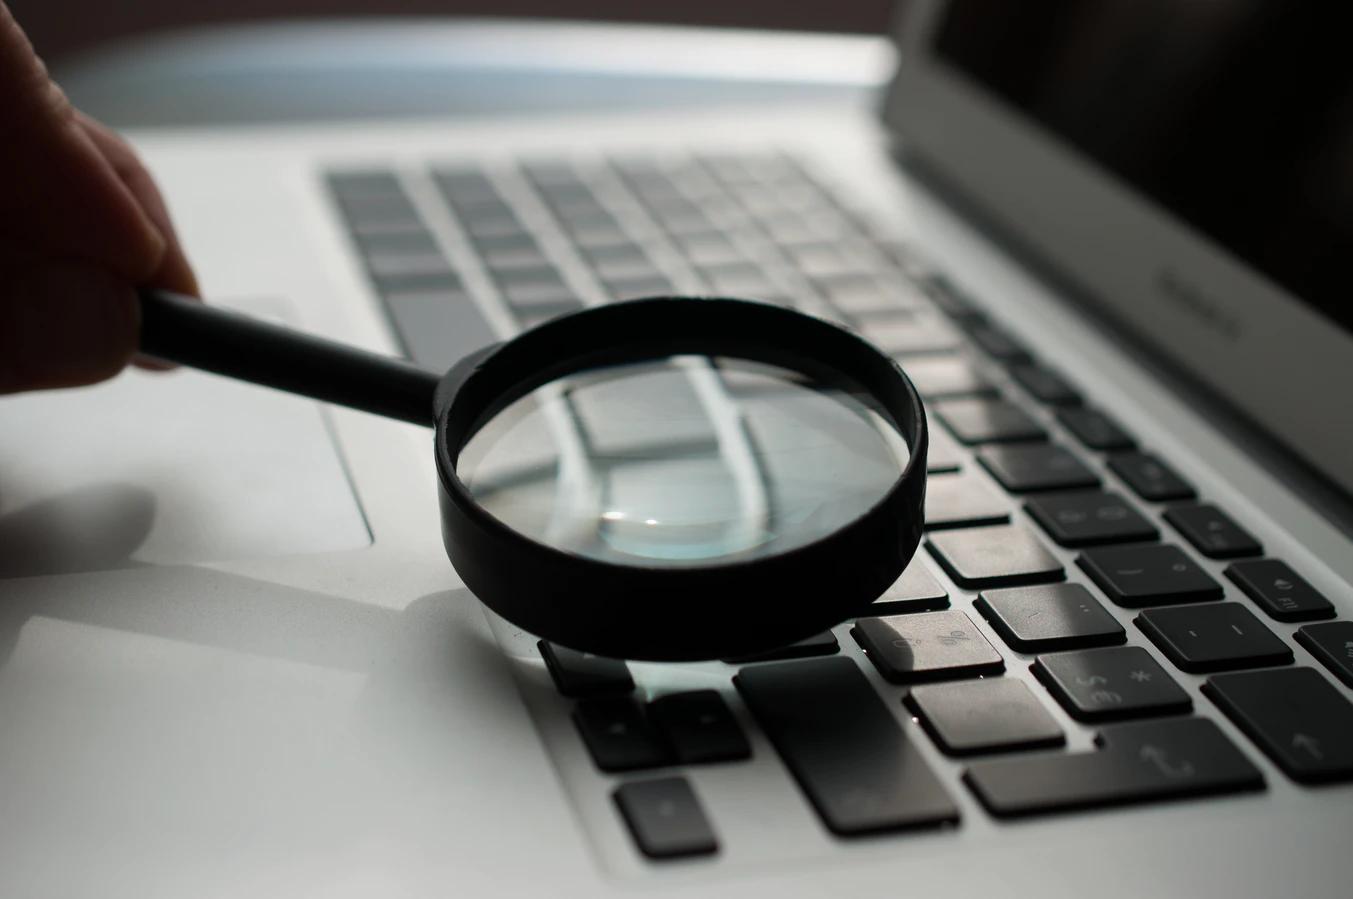 Django 学习笔记-14 搜索功能 实现一个简单的搜索功能、method 属性 和 action 属性